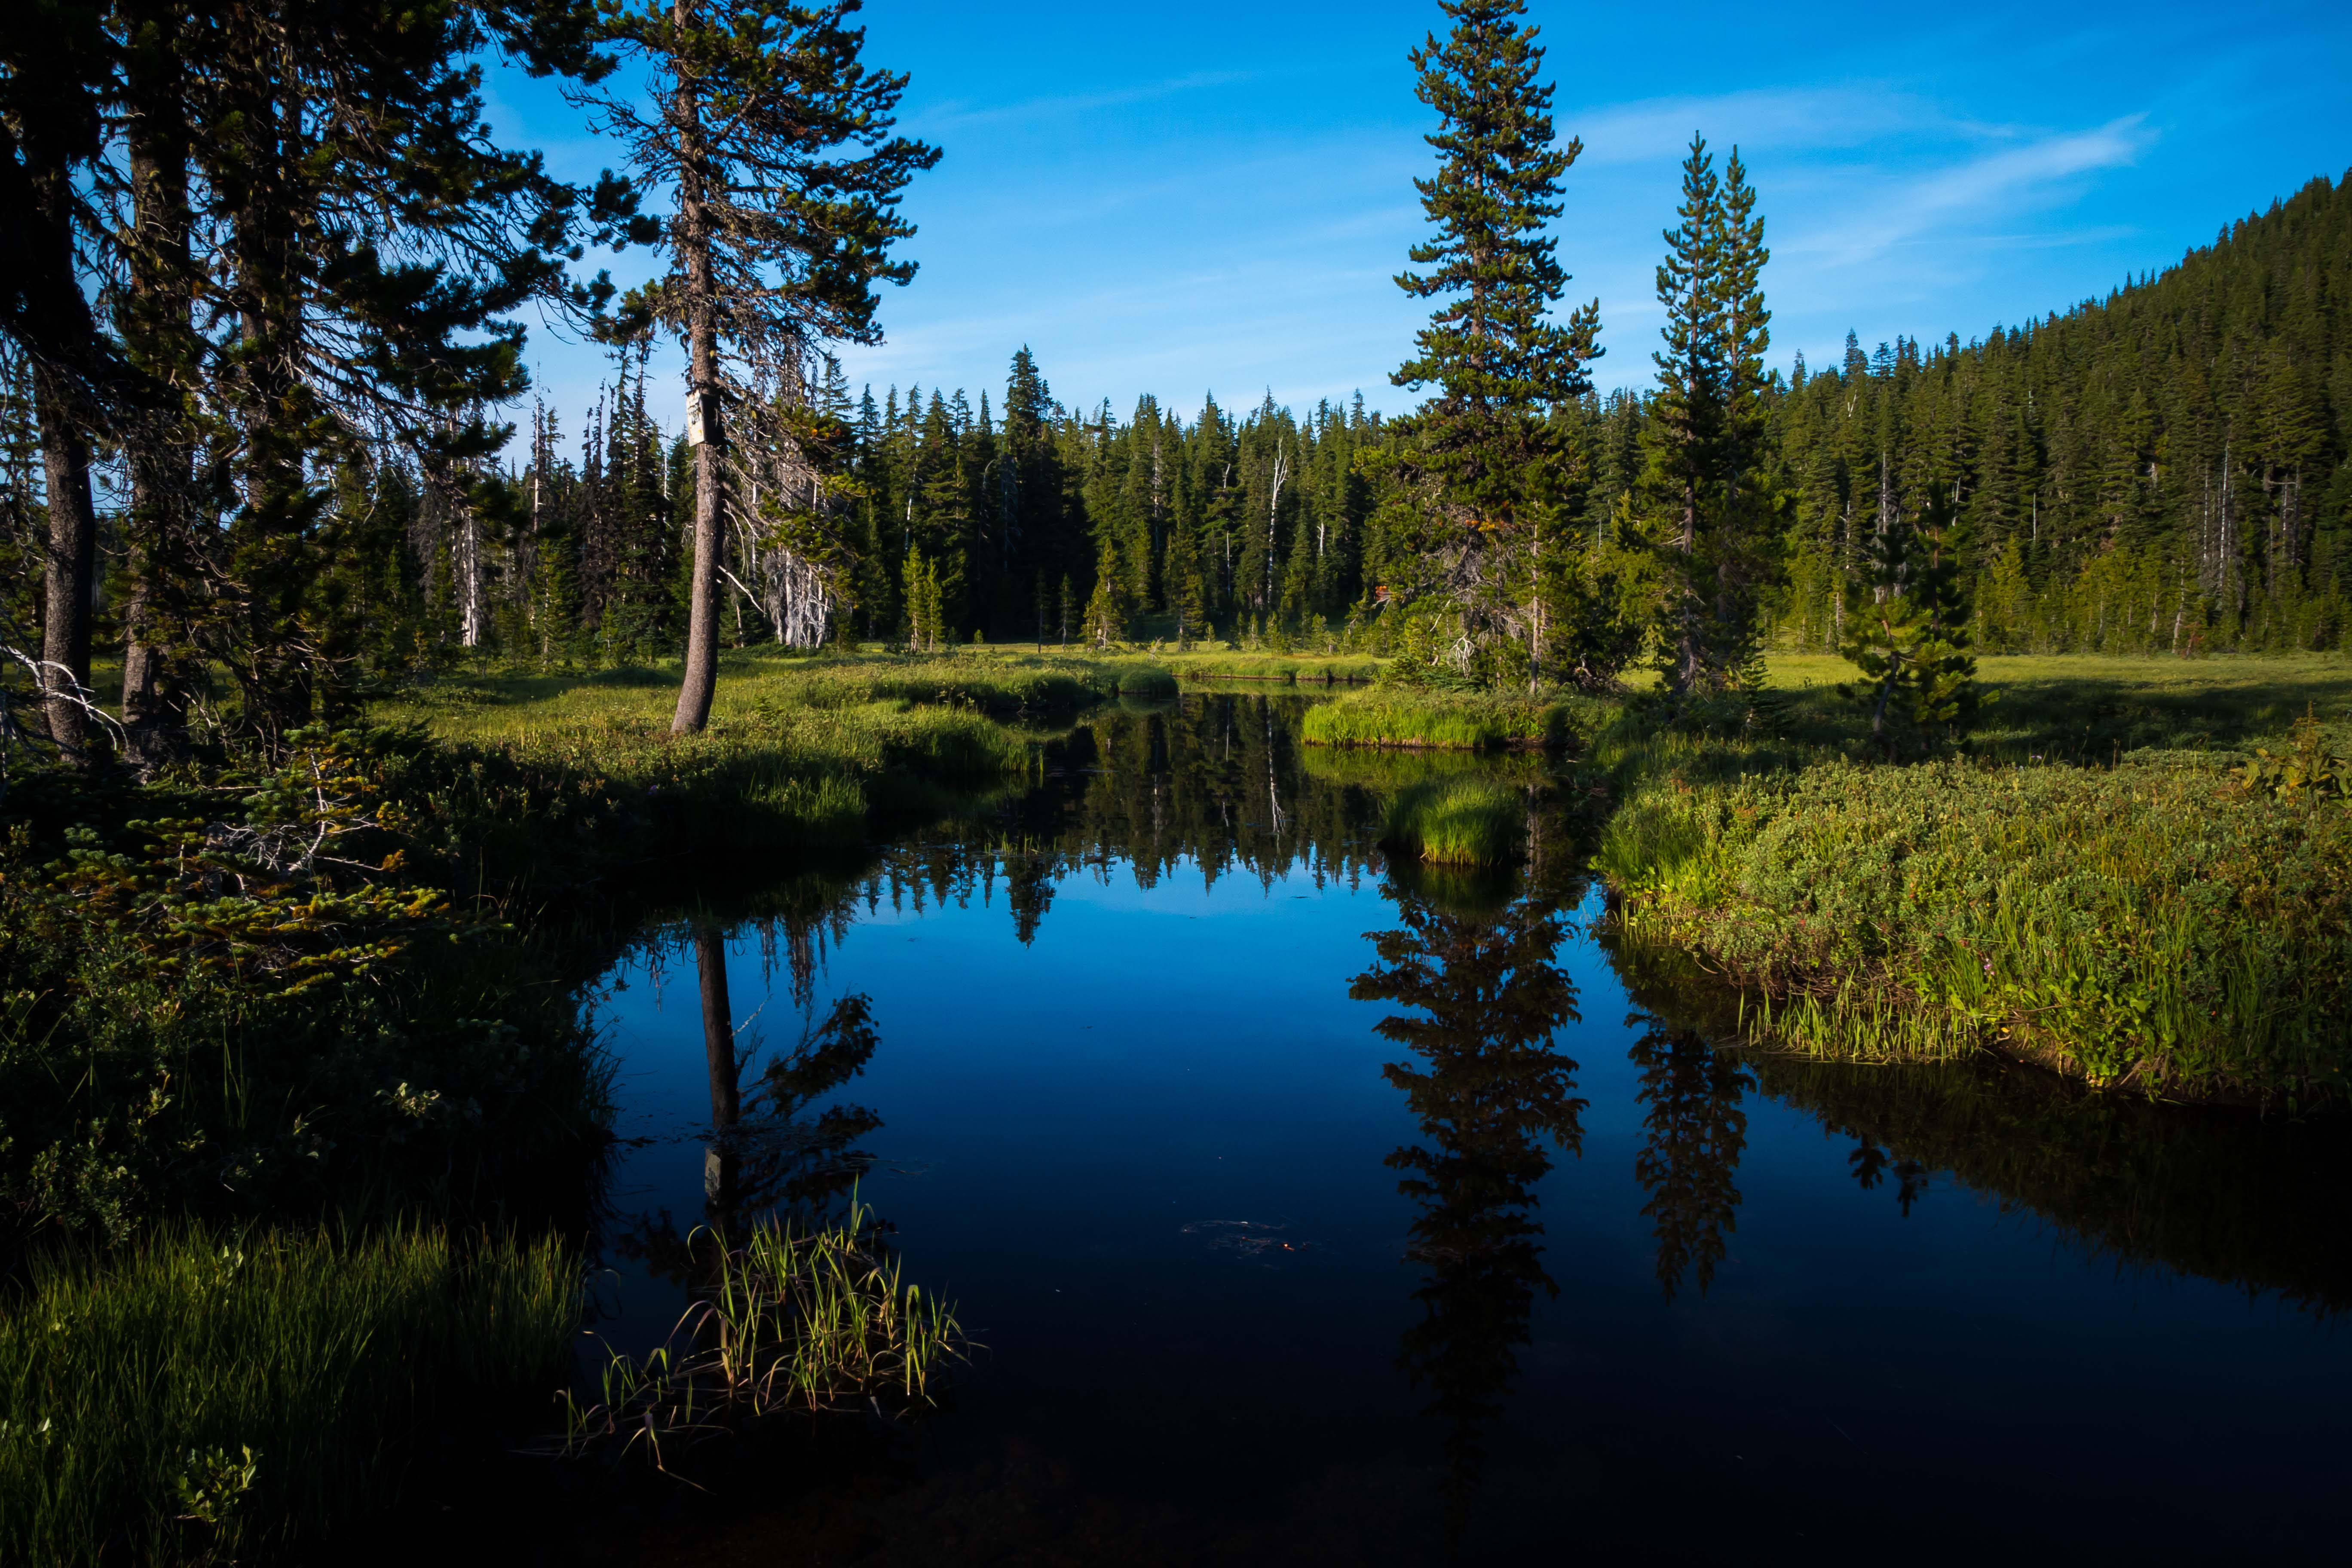 99087 скачать обои Природа, Озеро, Лес, Деревья, Вода, Пейзаж - заставки и картинки бесплатно